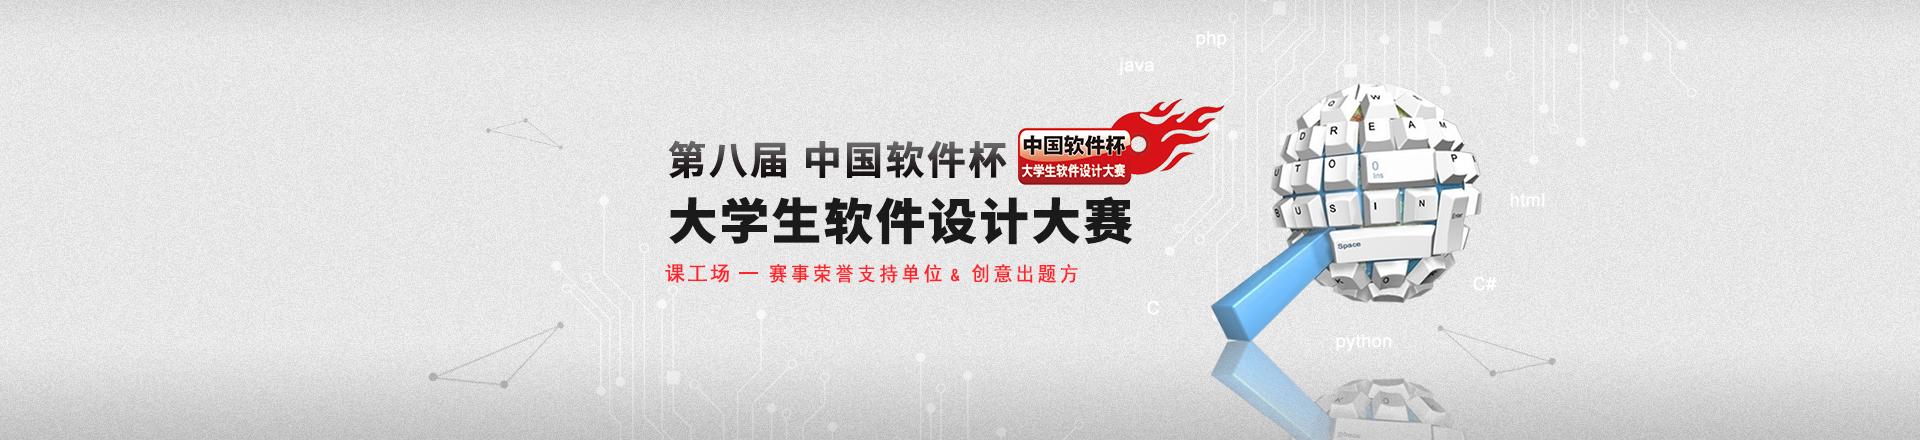 """【本科组】第八届""""中国软件杯""""大学生软件设计大赛,课工场问答集锦!"""